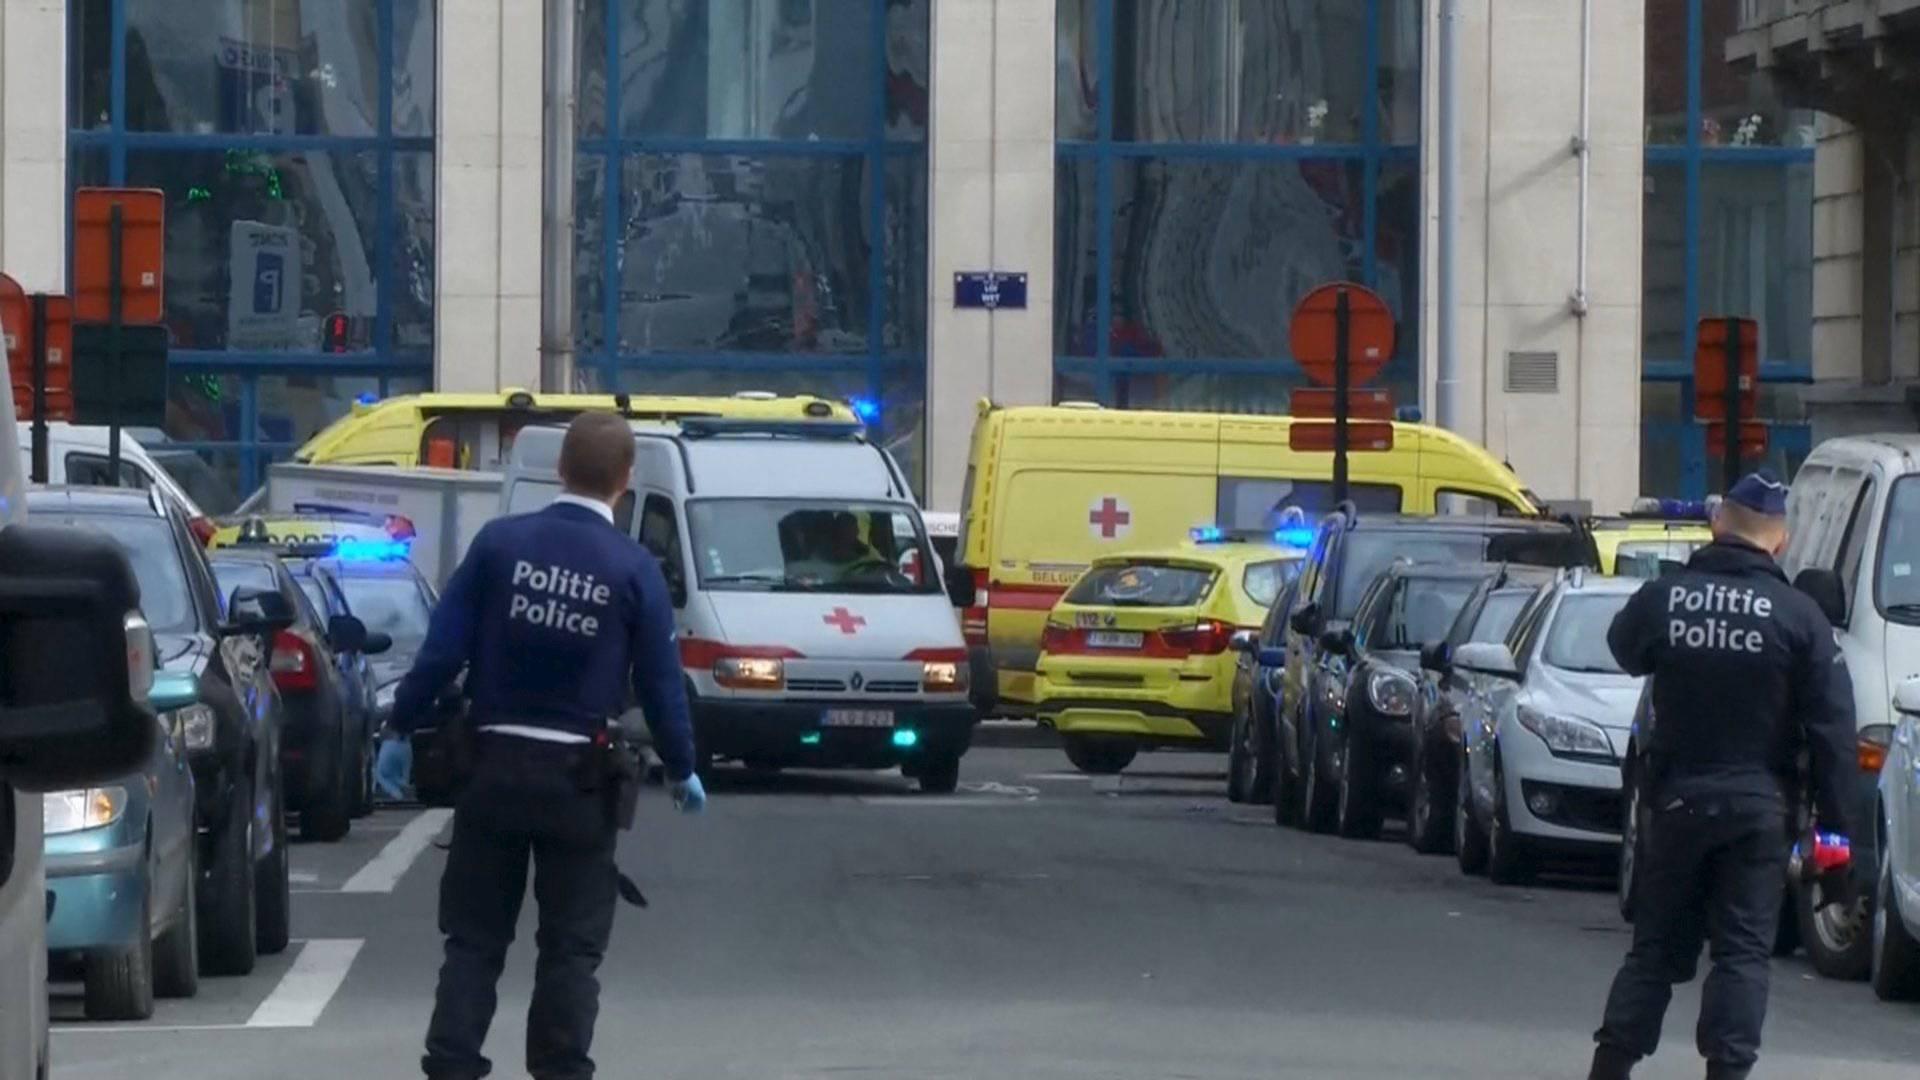 U Italiji su uhitili Alžirca zbog veze s napadom u Bruxellesu